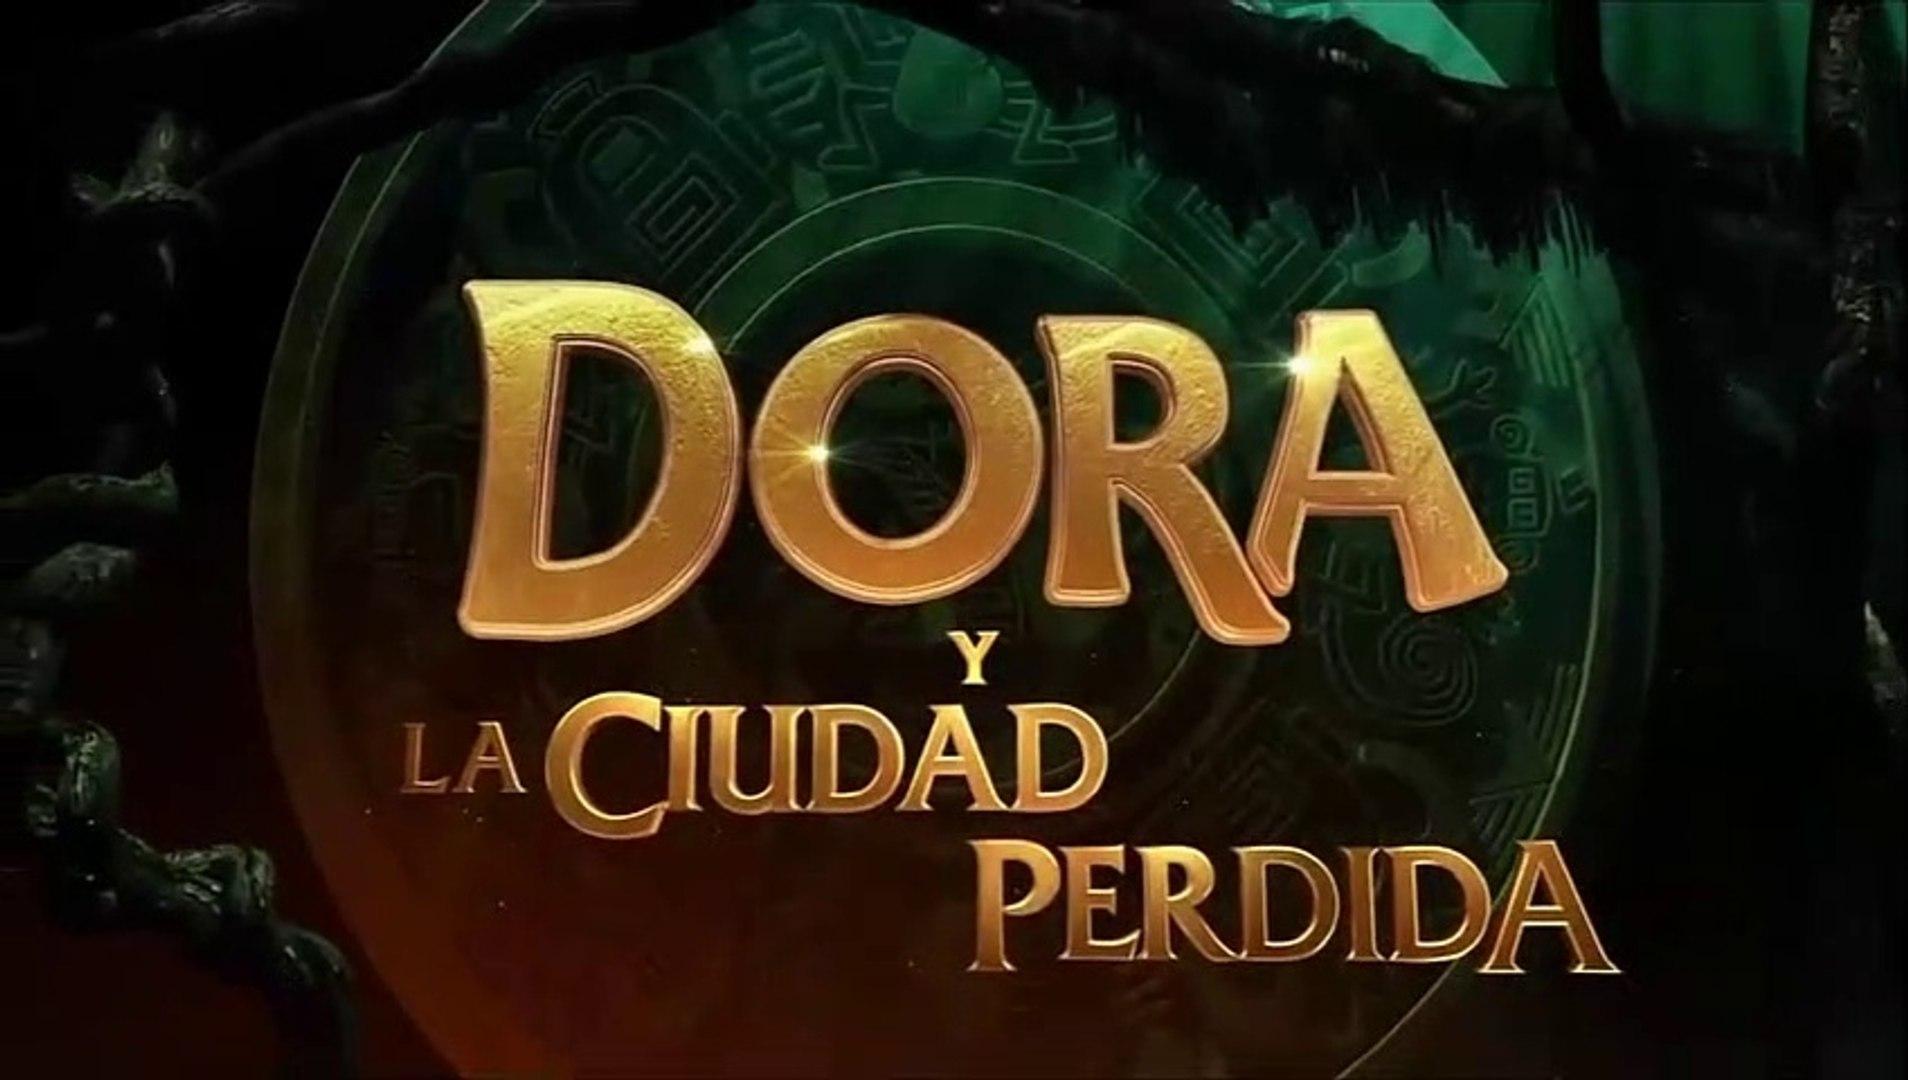 Dora y la ciudad perdida Tráiler Esp. Latino 2019